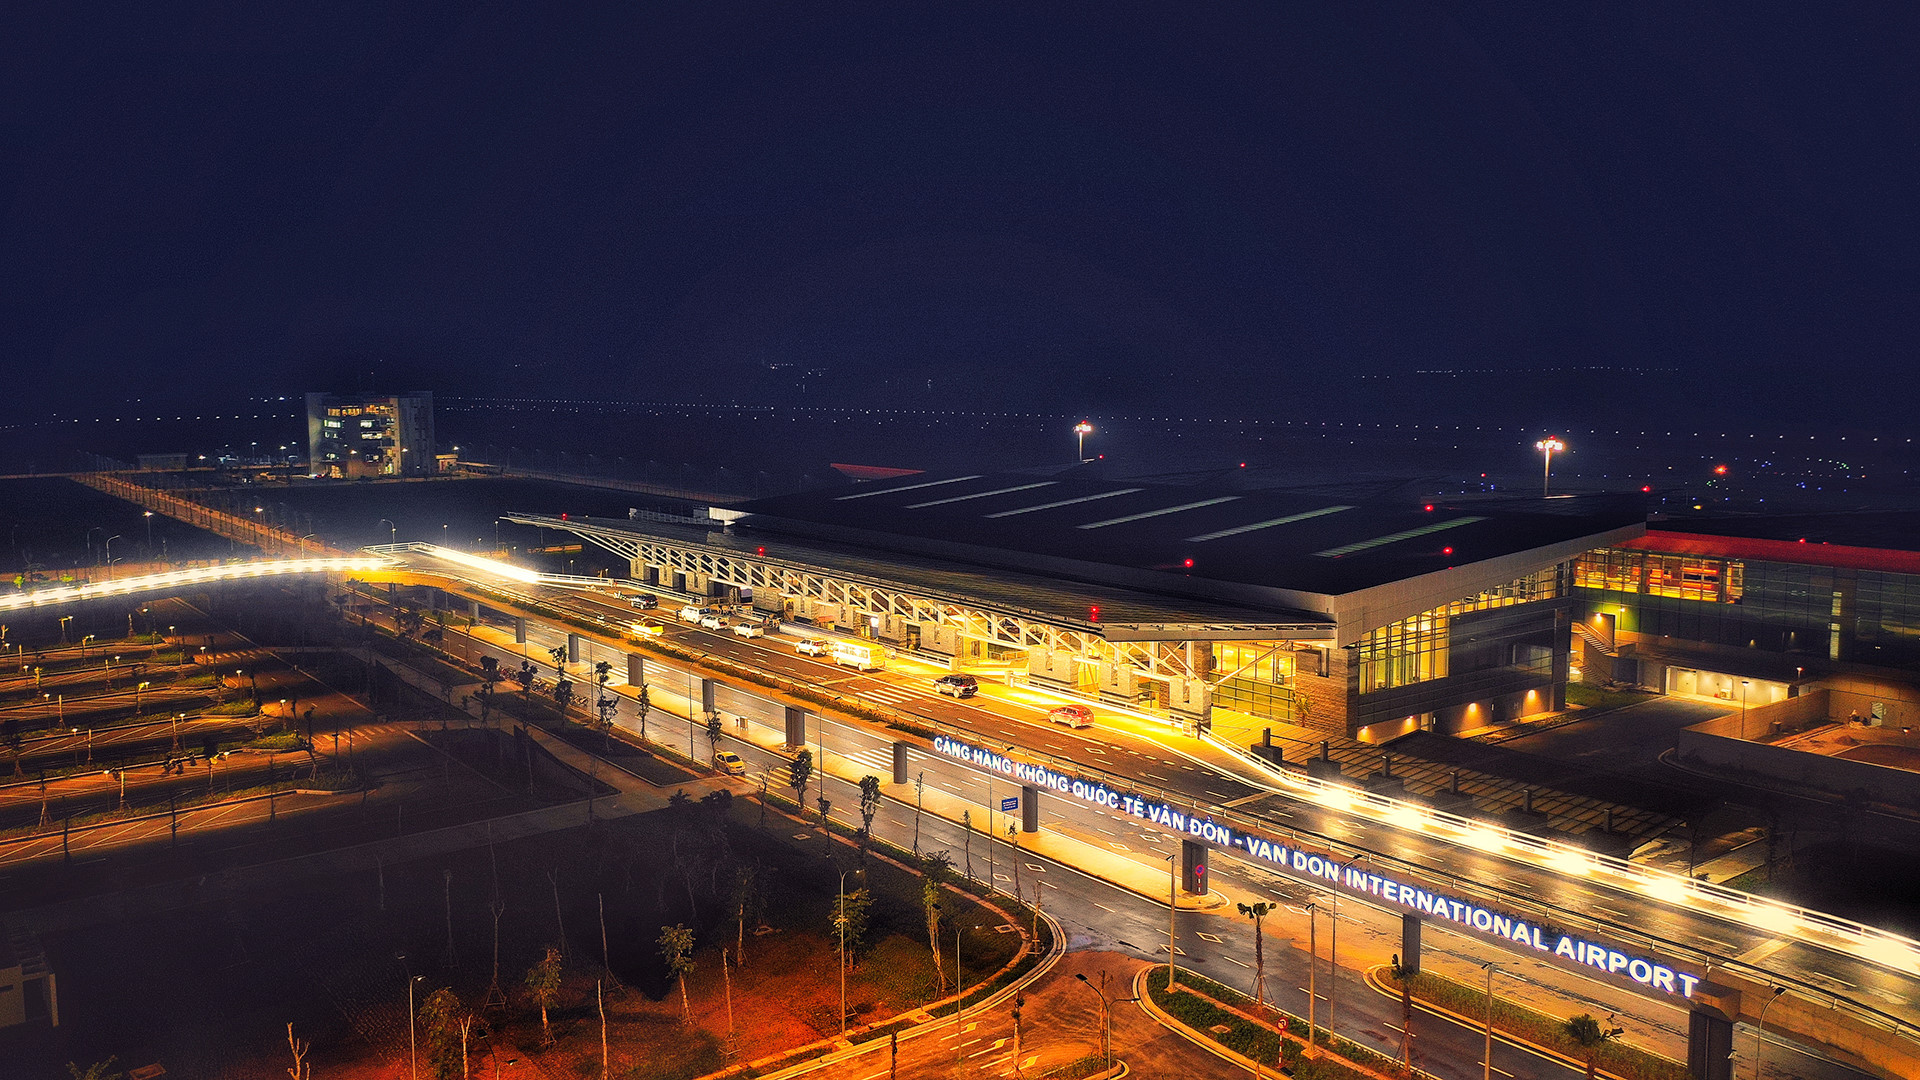 Sân bay Vân Đồn giữa trùng điệp núi rừng Quảng Ninh